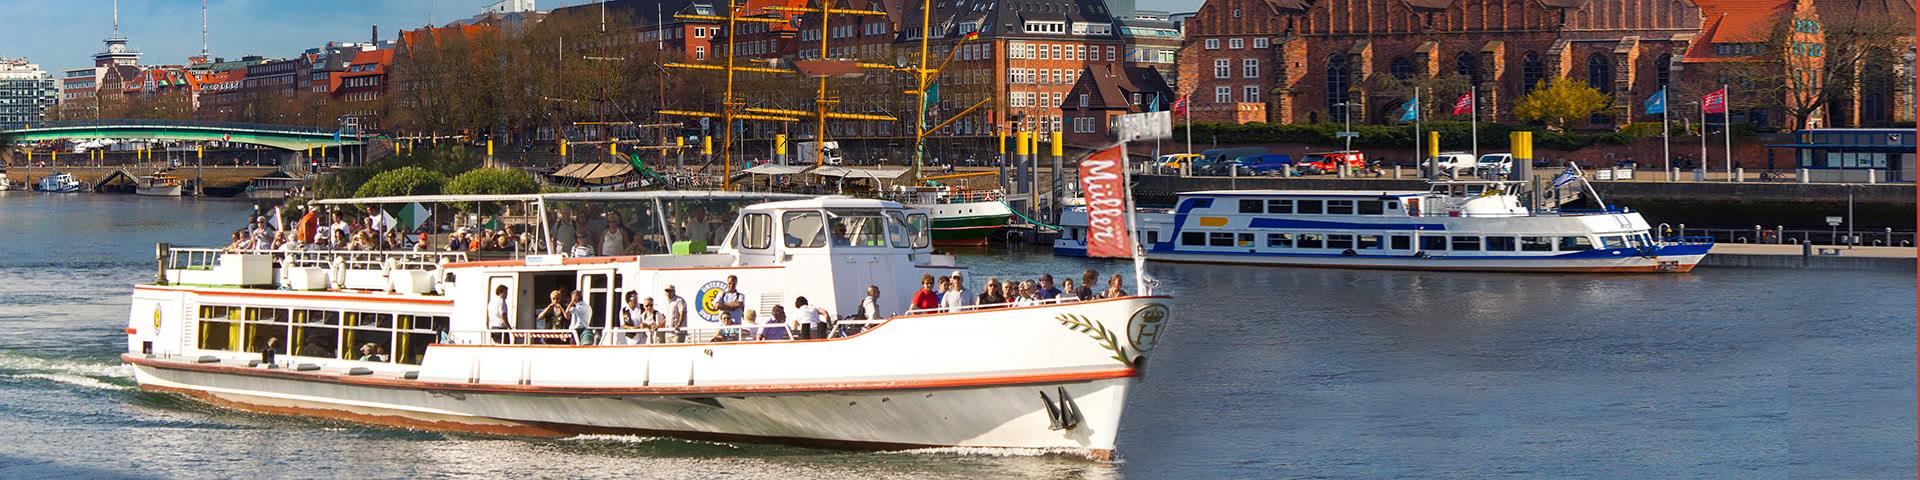 Volles Passagierschiffer auf der Weser in der Bremer Altstadt